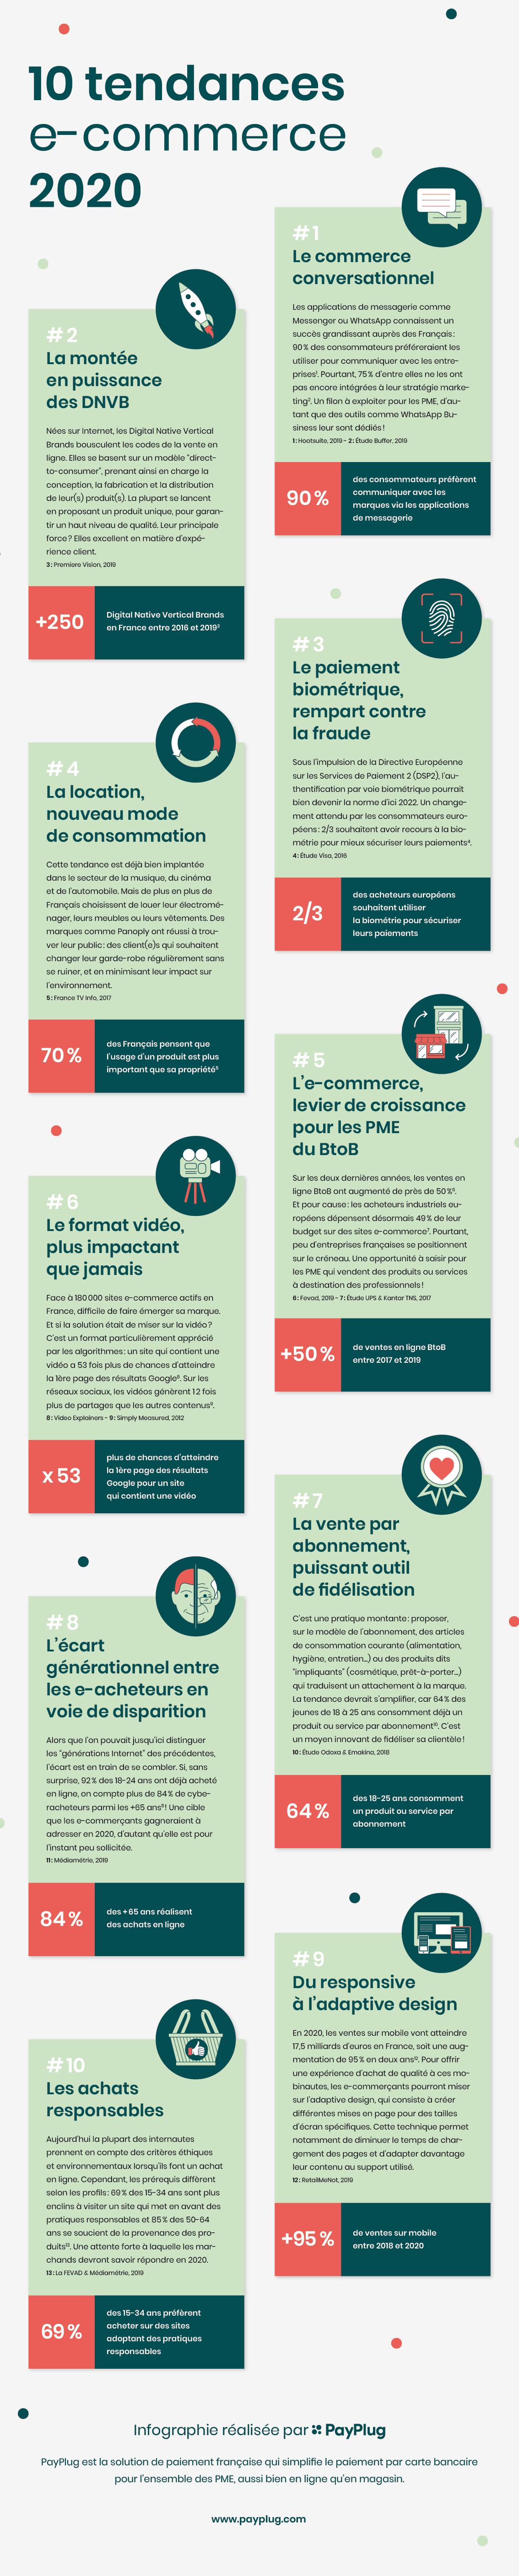 Infographie - 10 tendances e-commerce 2020